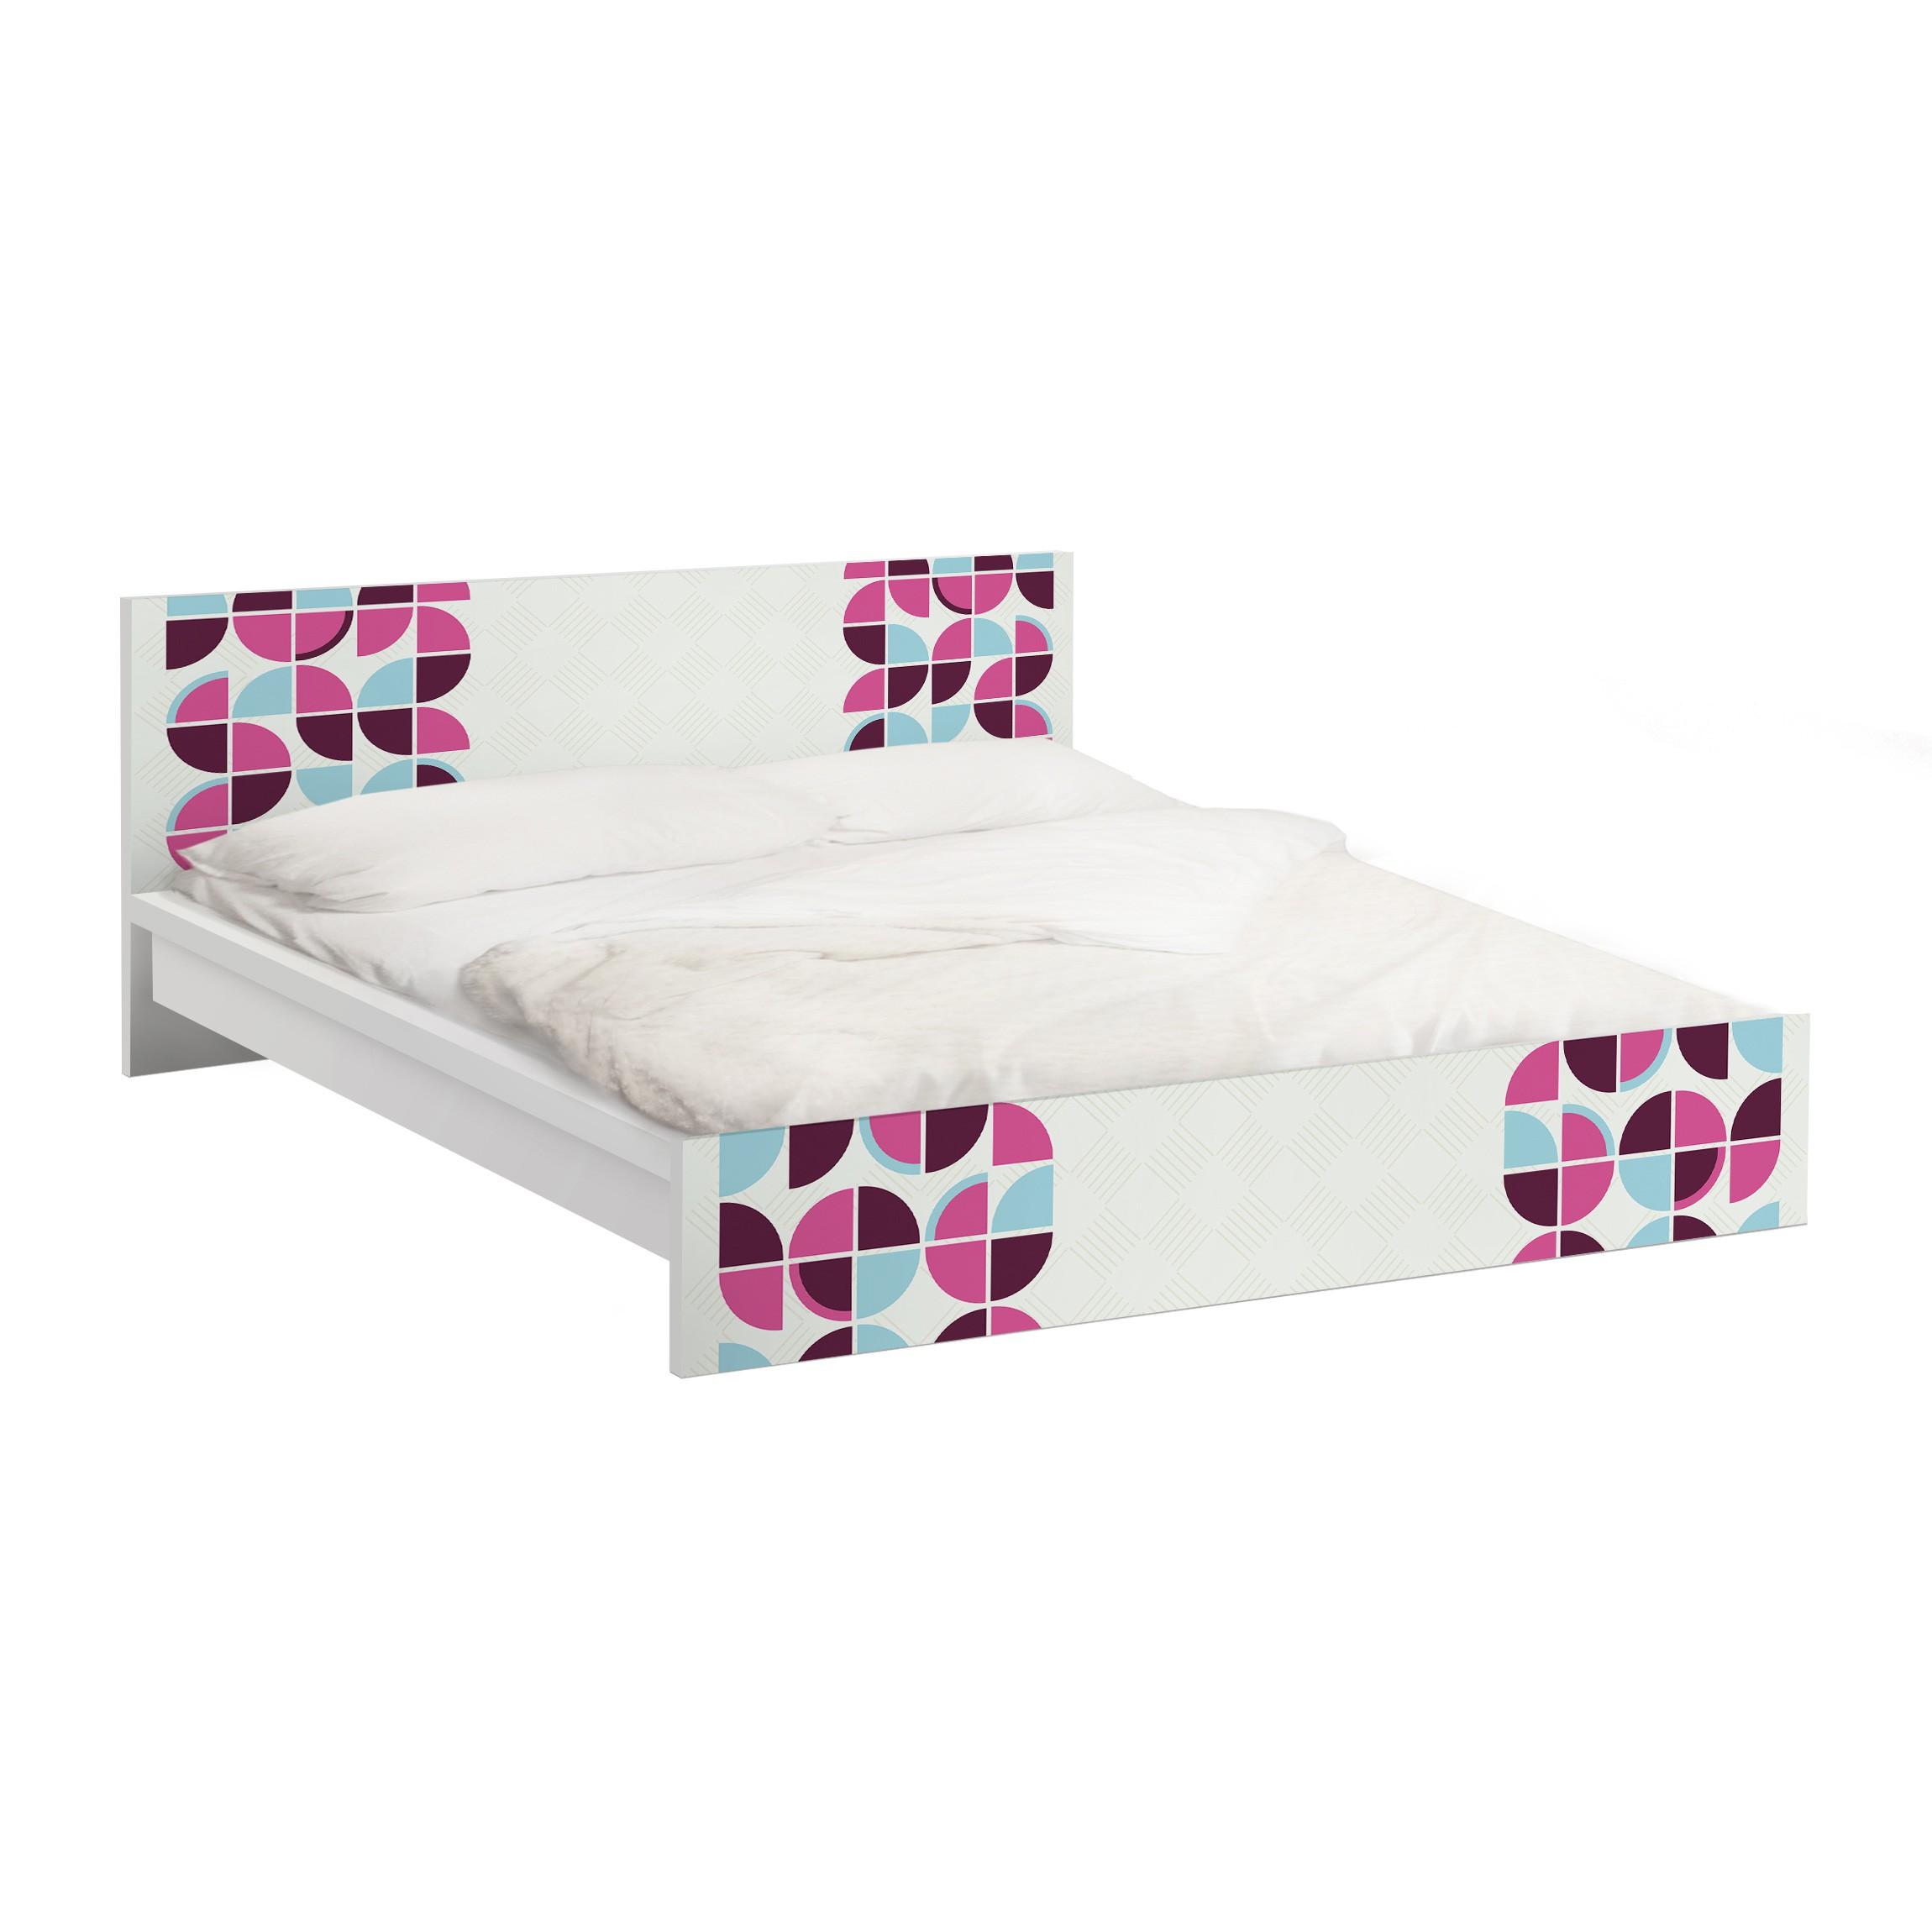 Carta adesiva per mobili ikea malm letto basso 140x200cm a retro circles pattern design - Mobili letto ikea ...